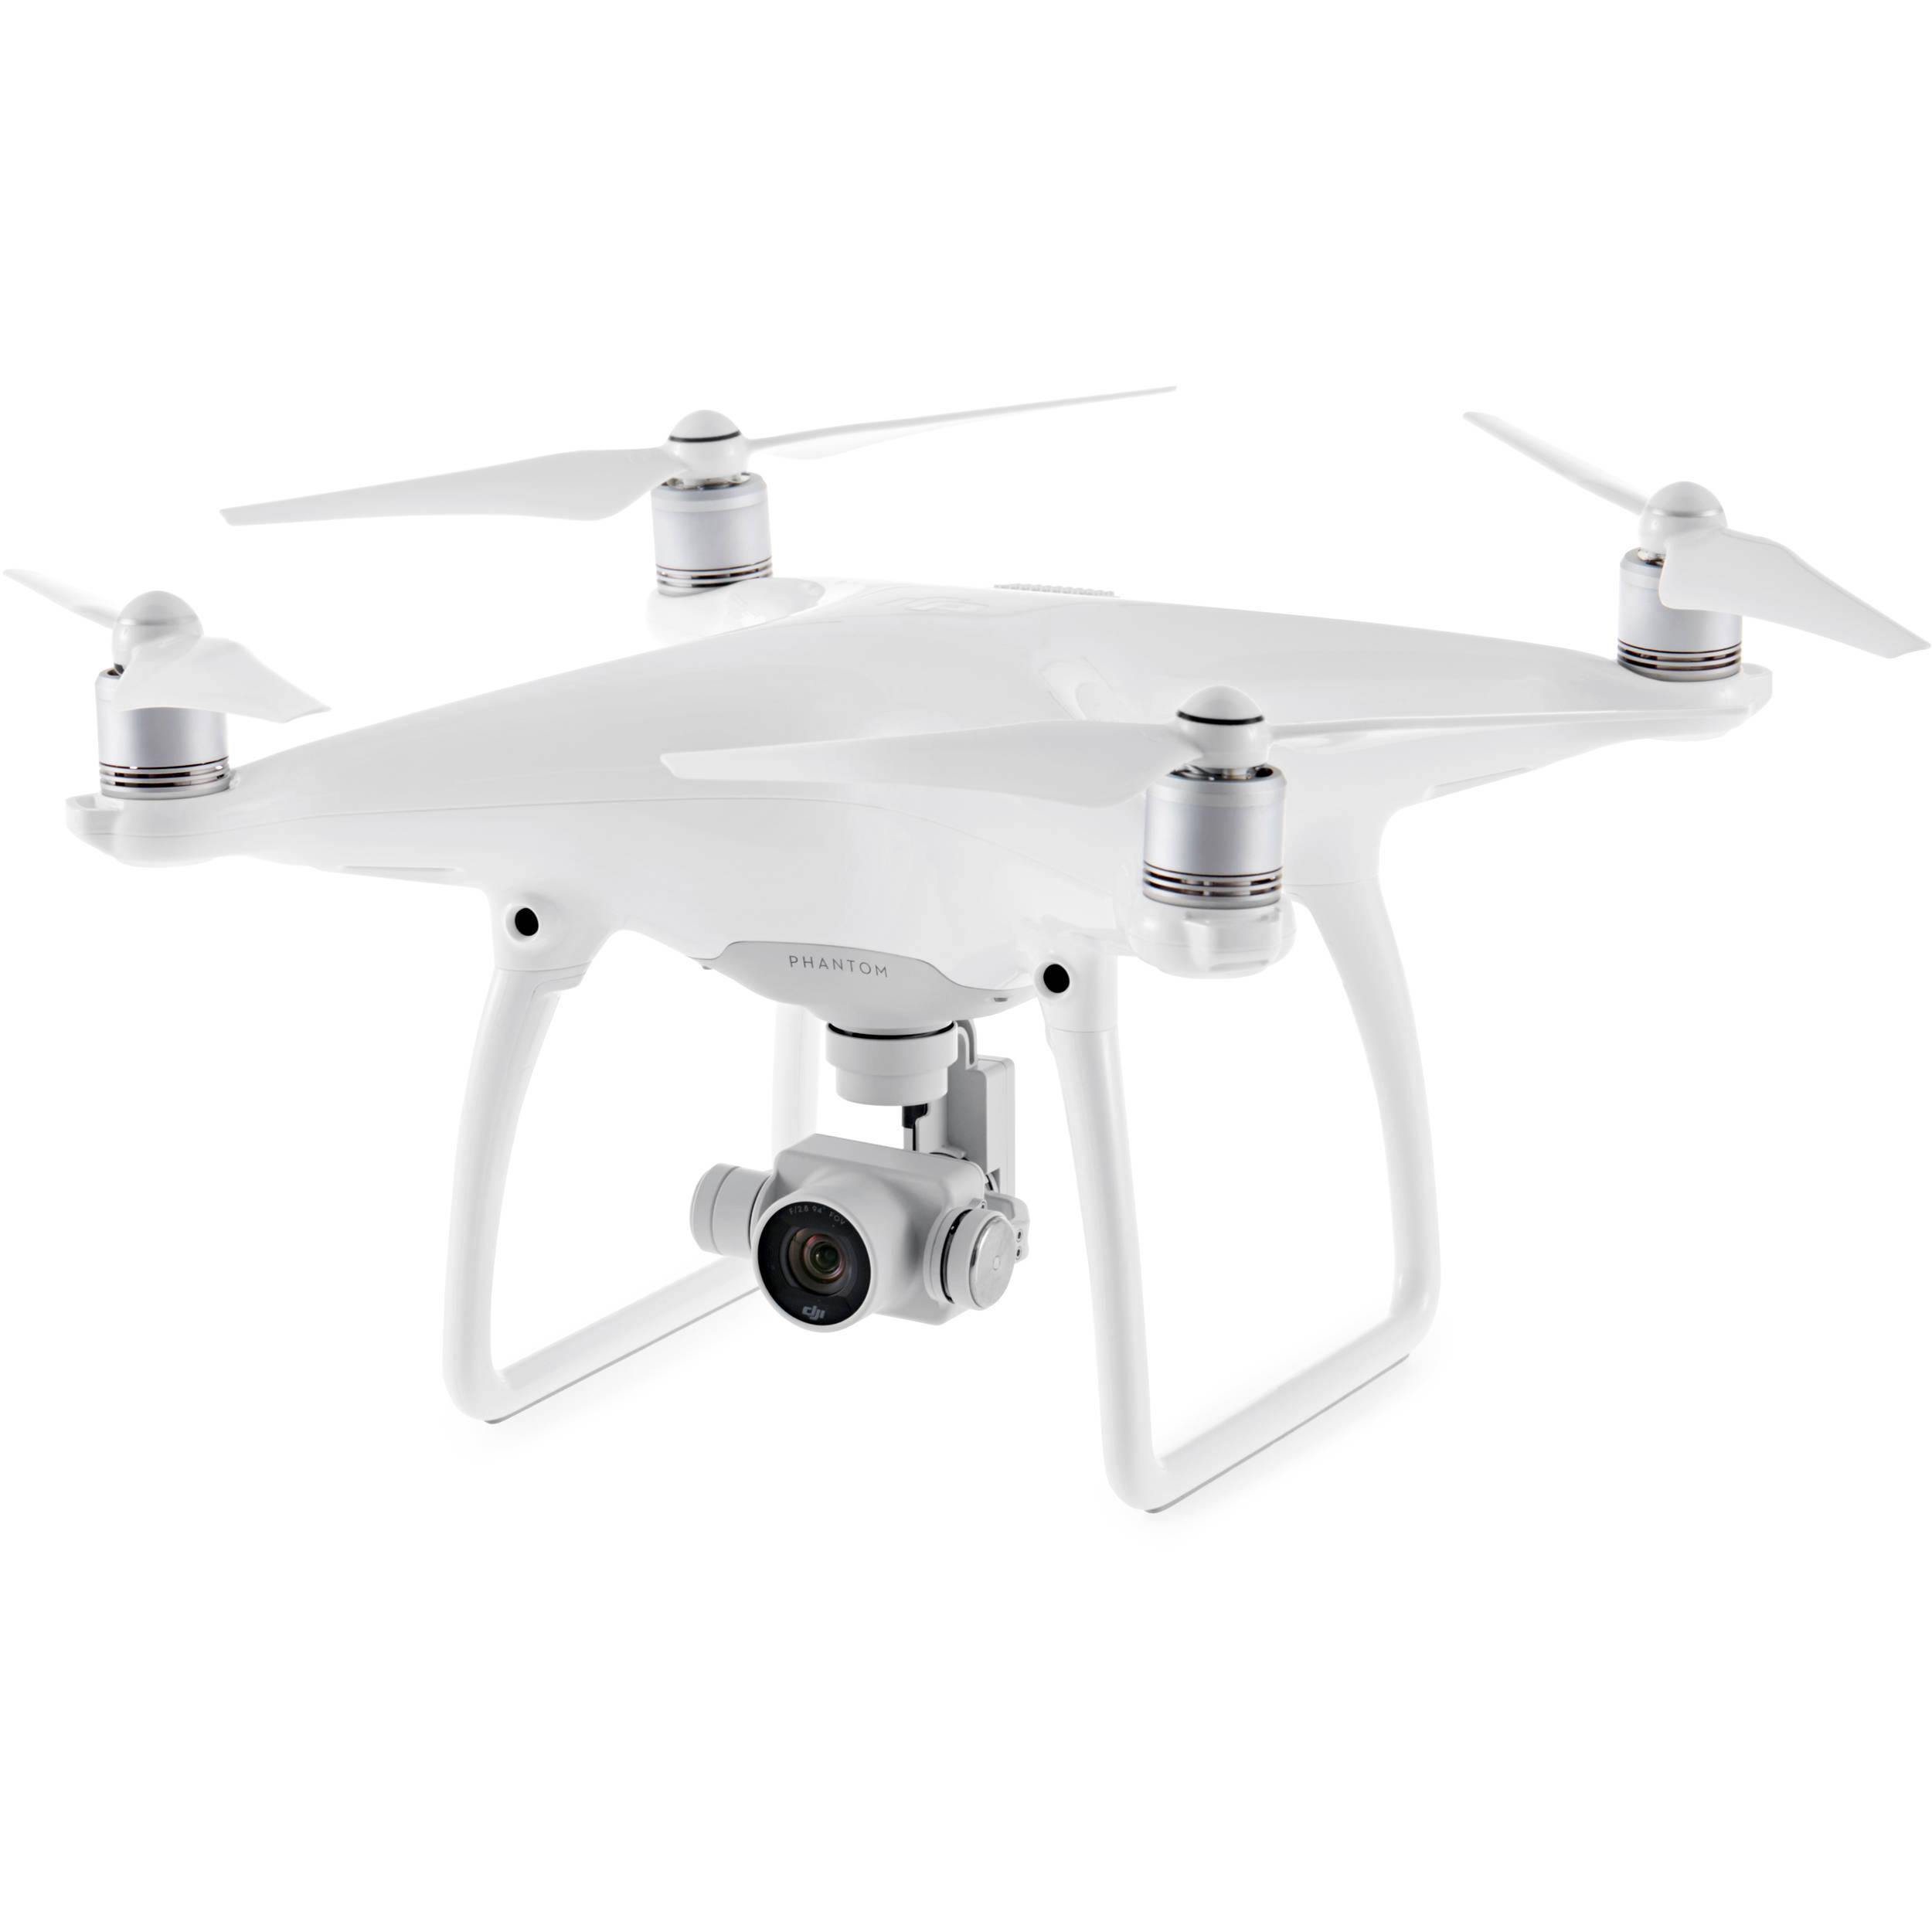 Dji cp pt 000312 phantom 4 professional quadcopter 1235779